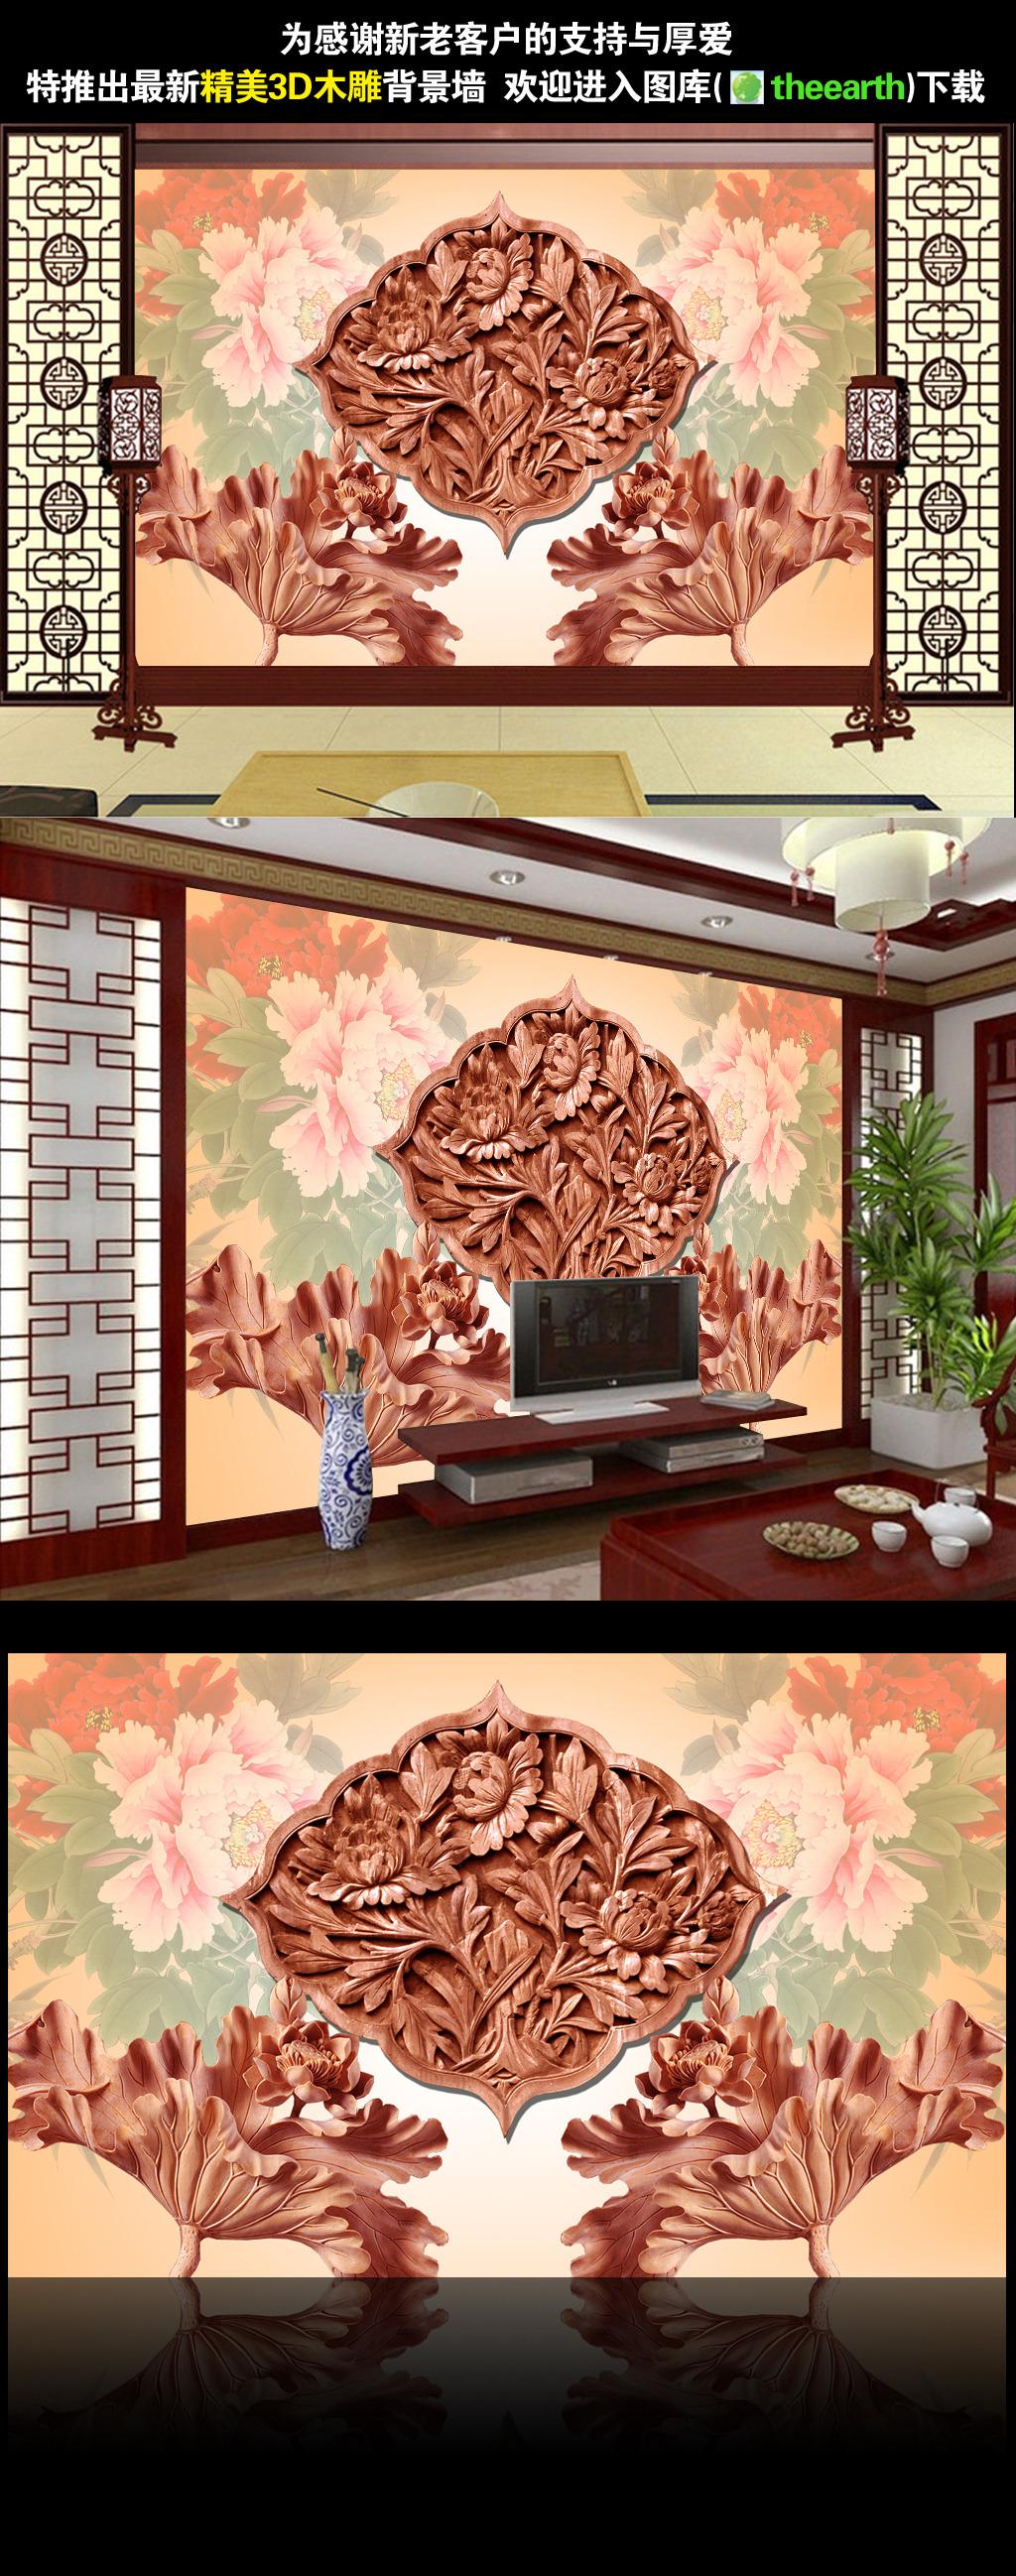 创意3d立体木雕荷花和和美美电视背景墙